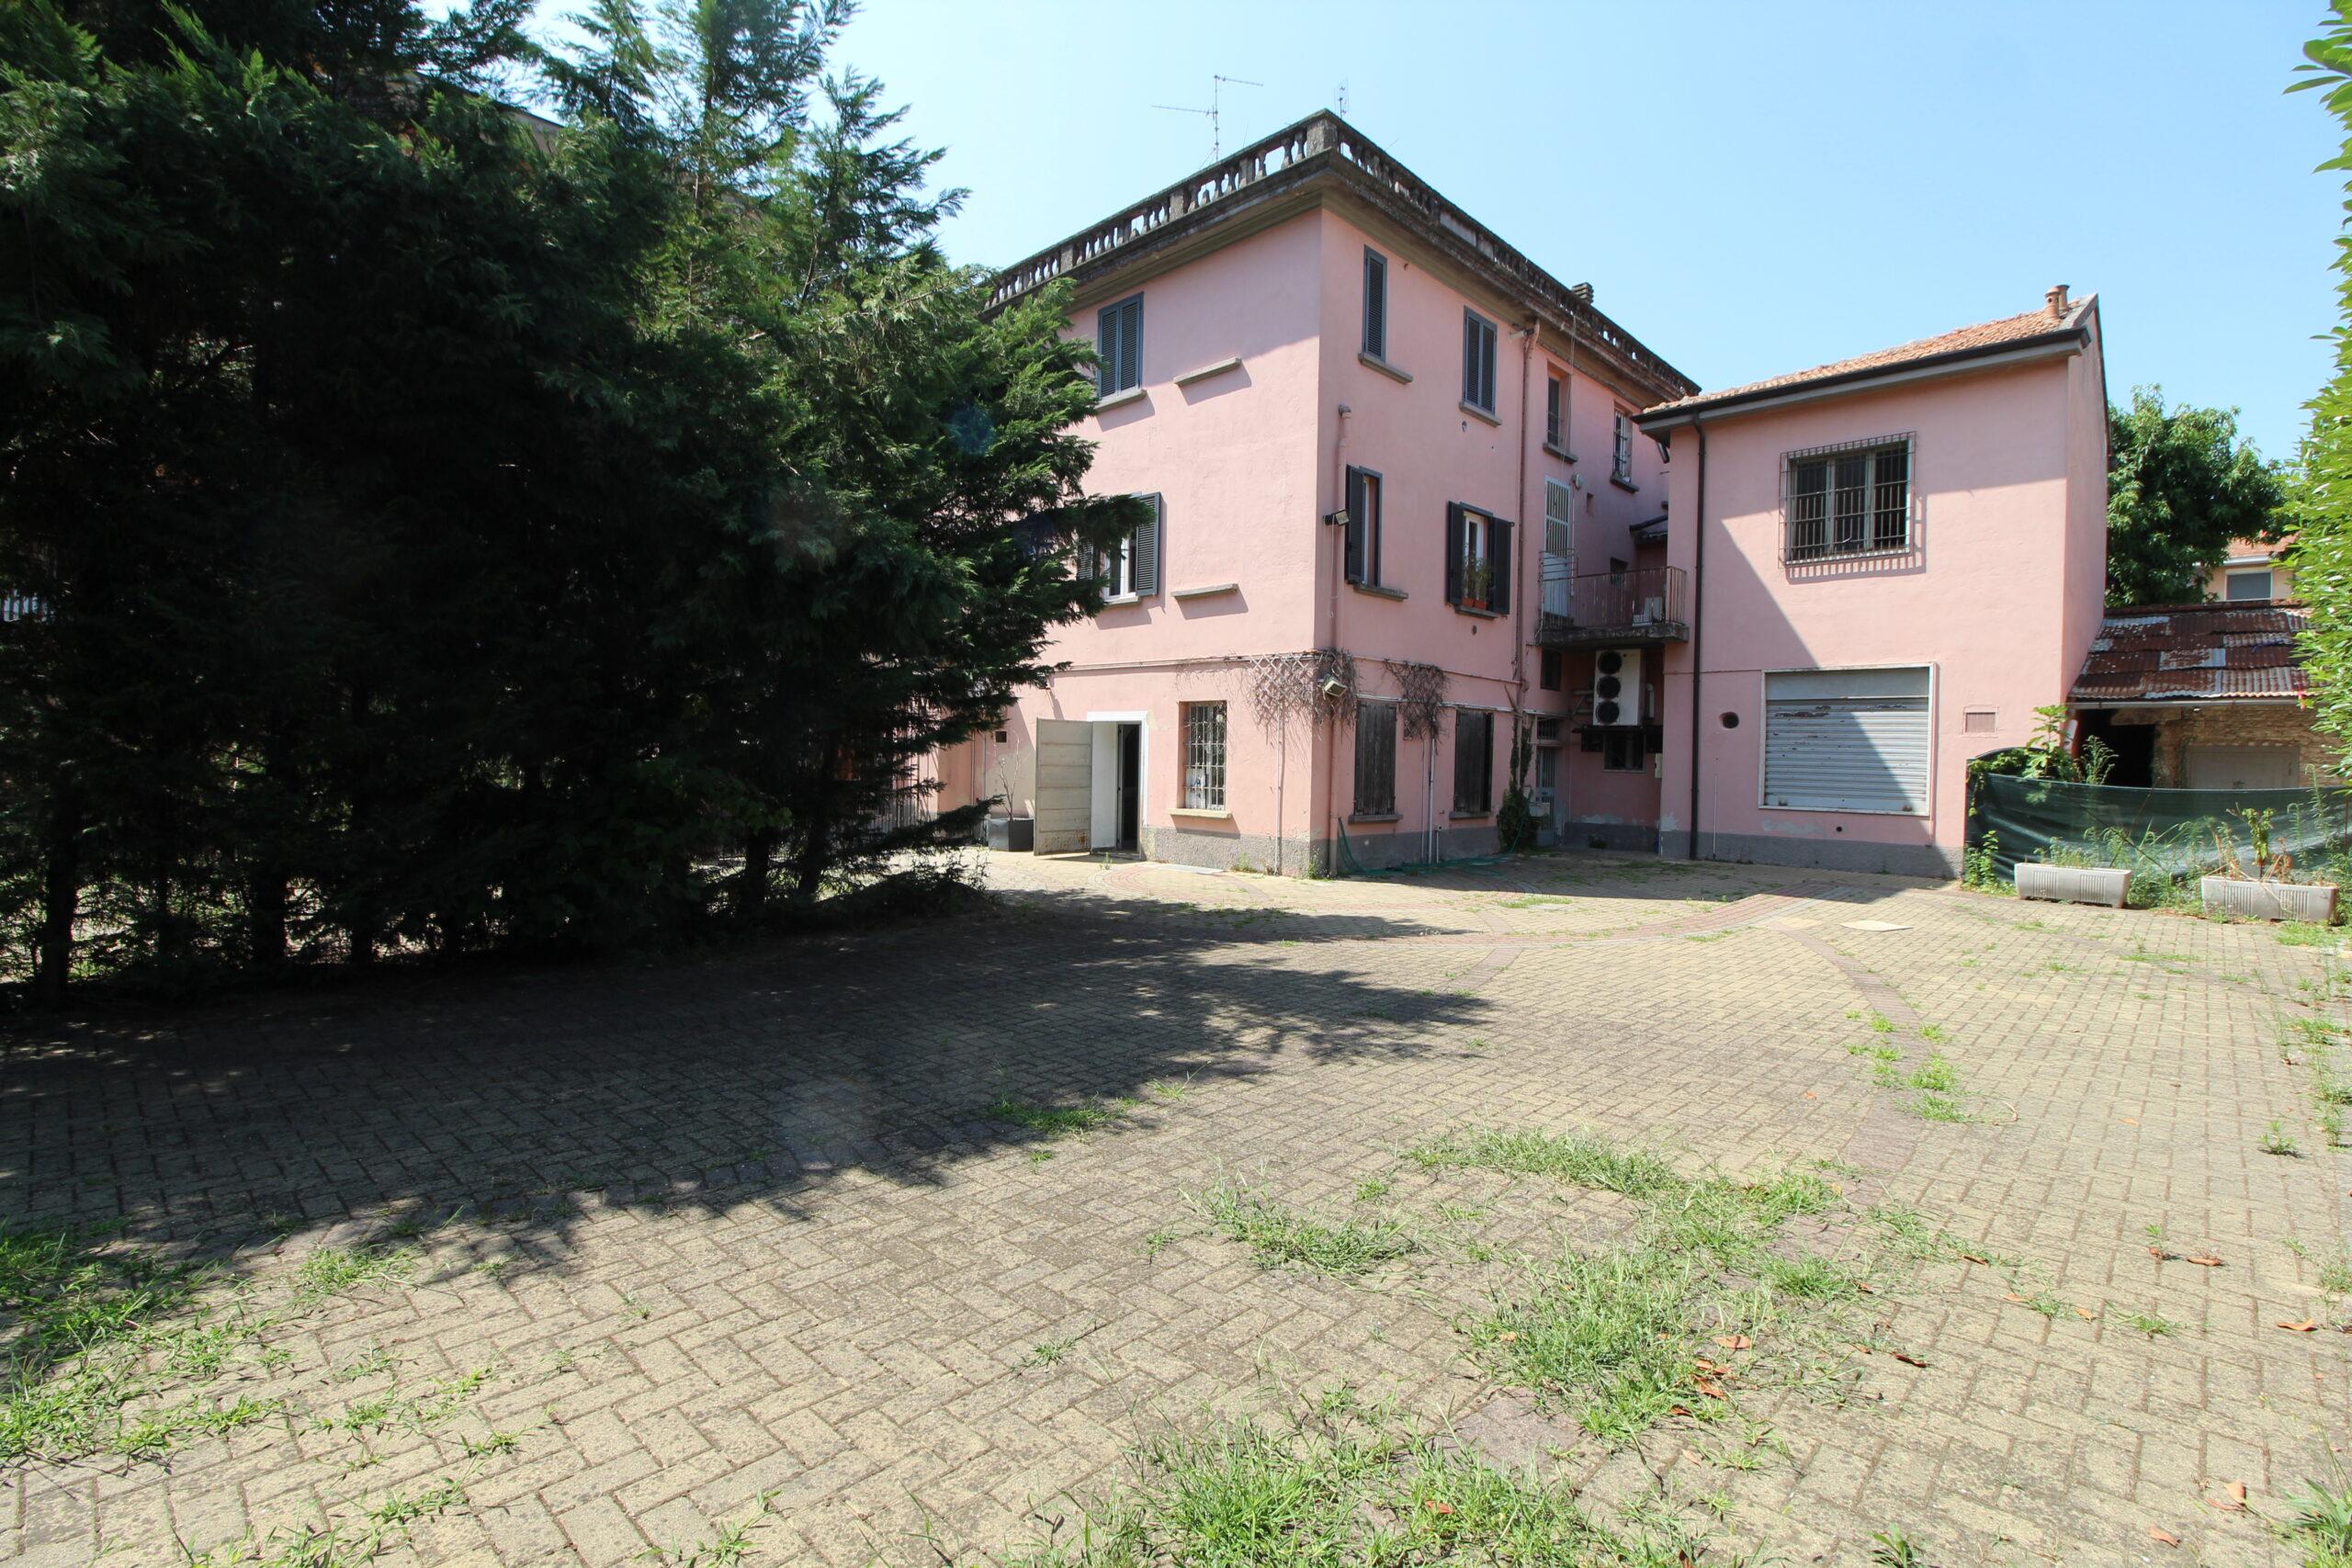 Locale commerciale in Affitto Sant'Angelo Lodigiano, Via Giuseppe Mazzini 27